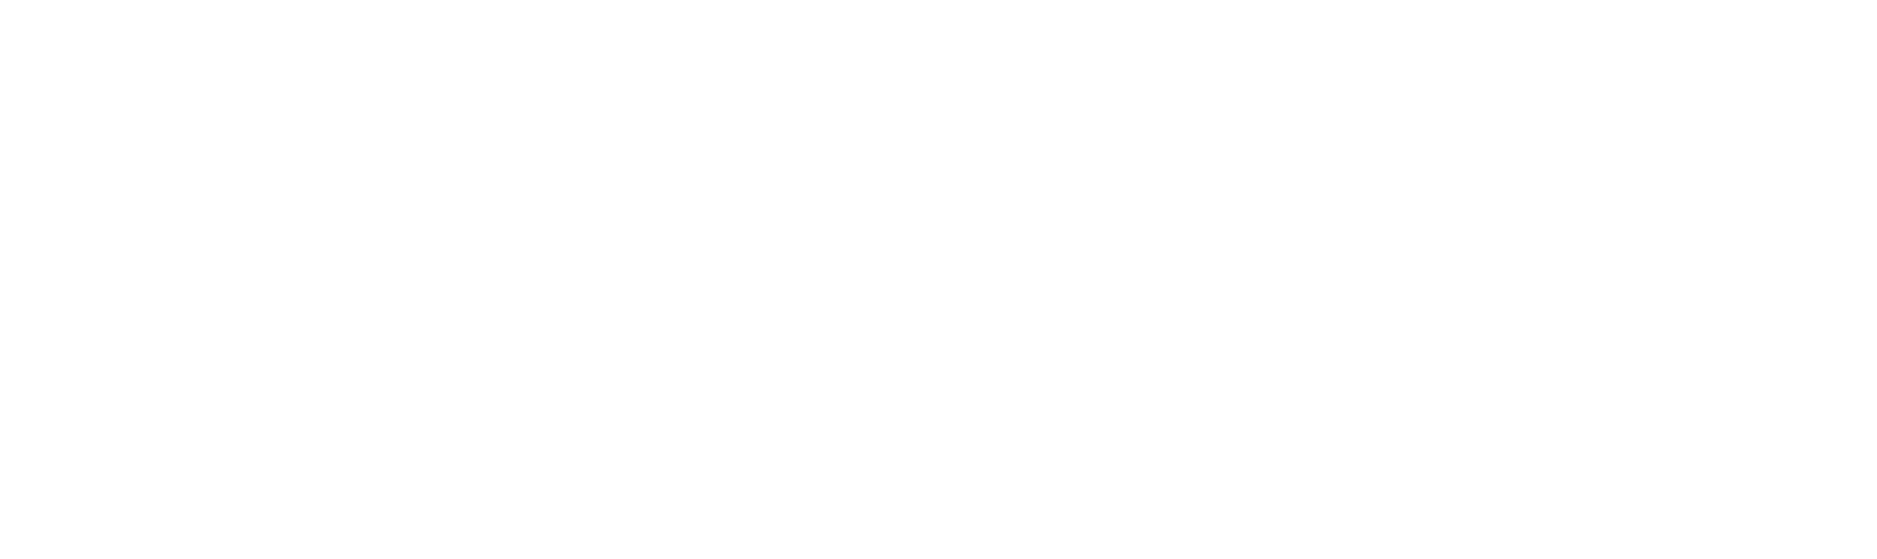 4.0 tech meetup 5 word claim